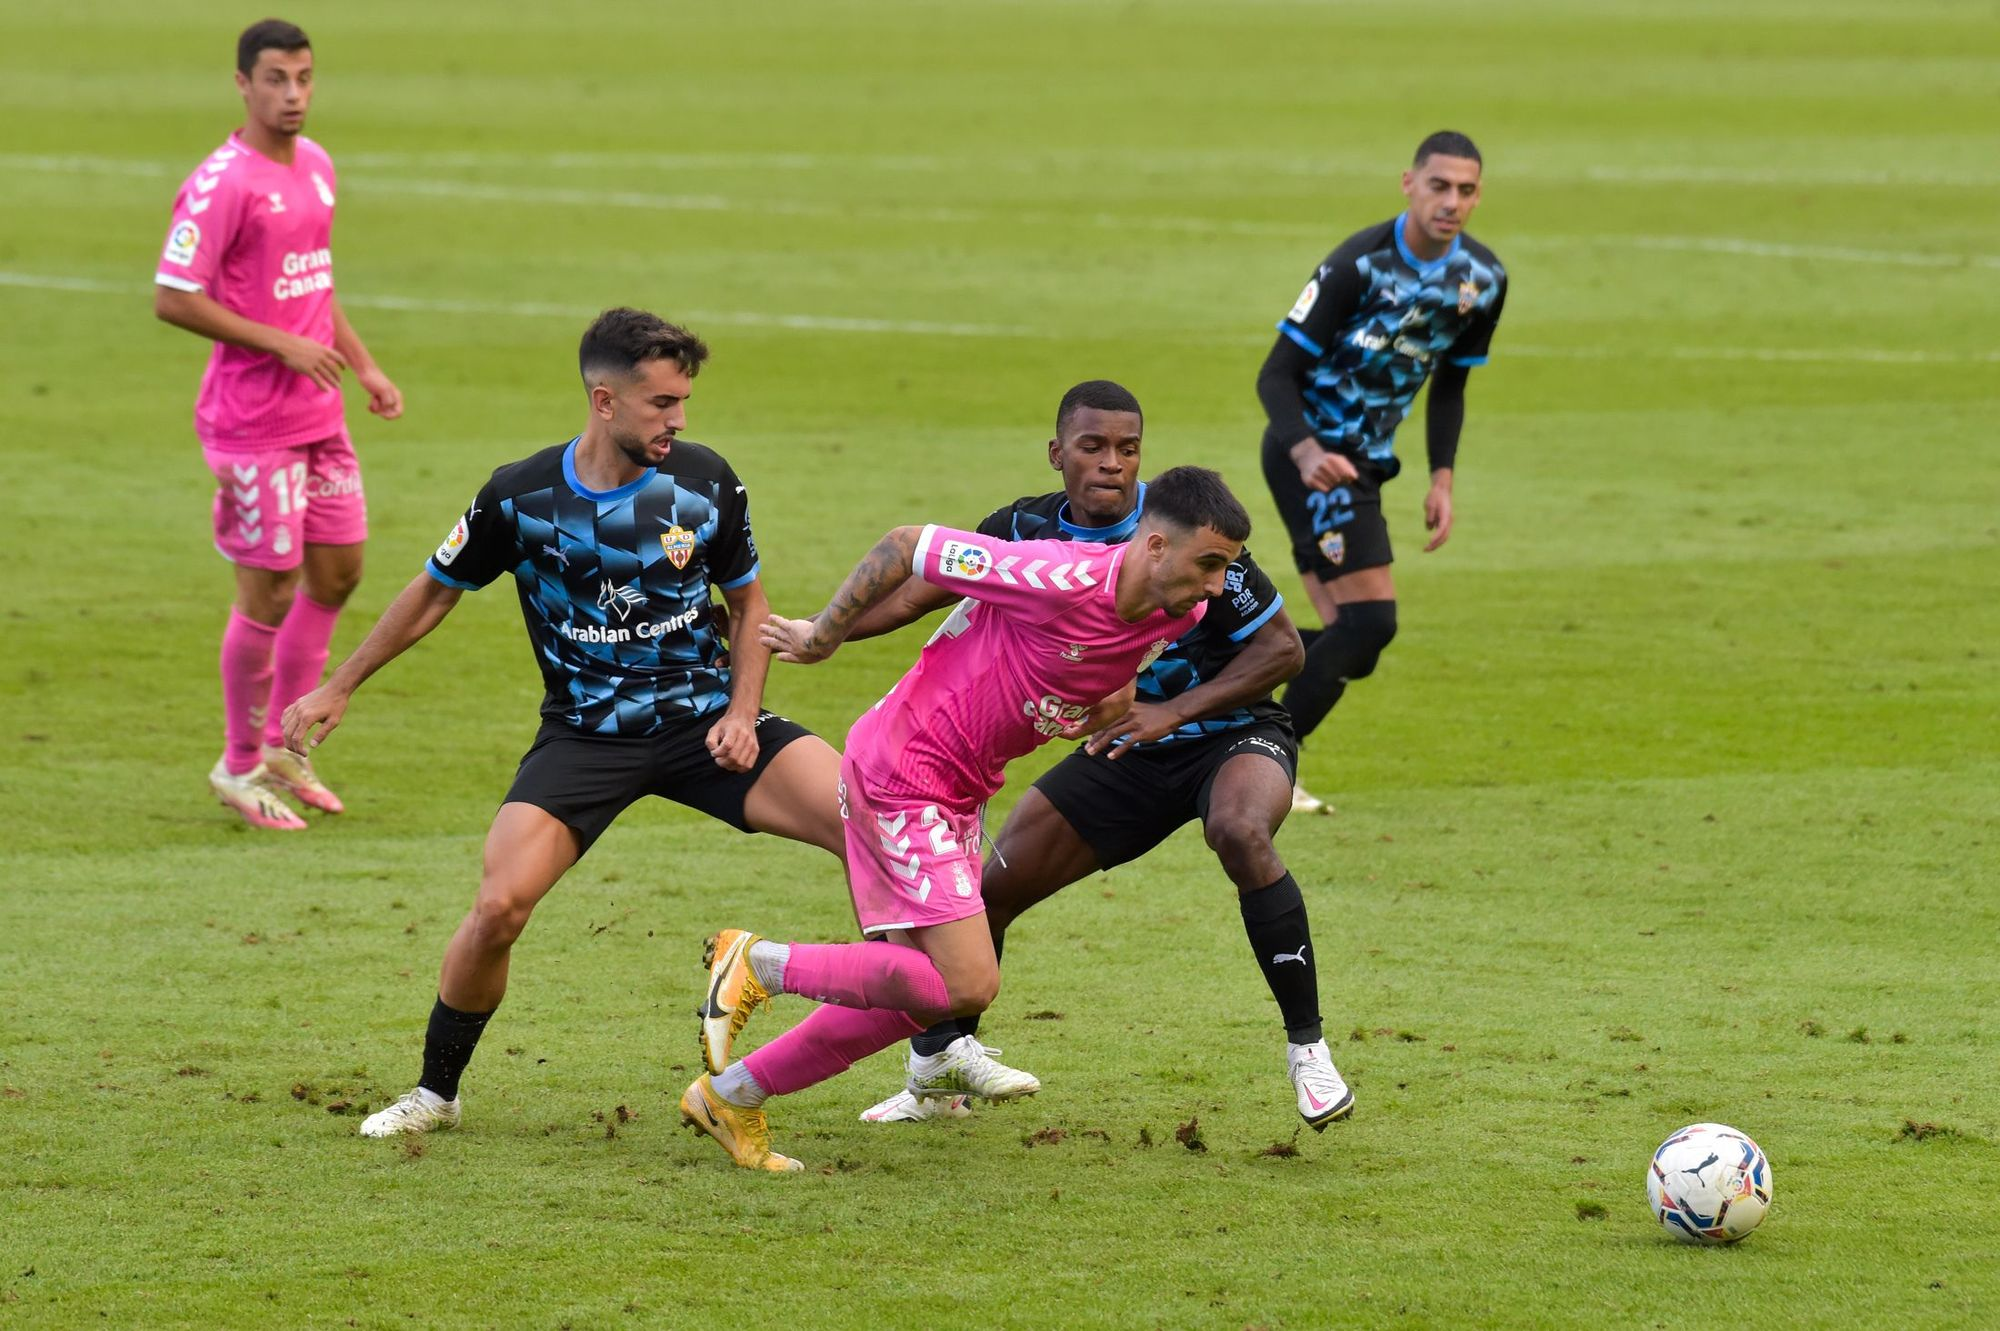 Liga SmartBank - Sexta jornada: UD Las Palmas 2 - 0 UD Almería